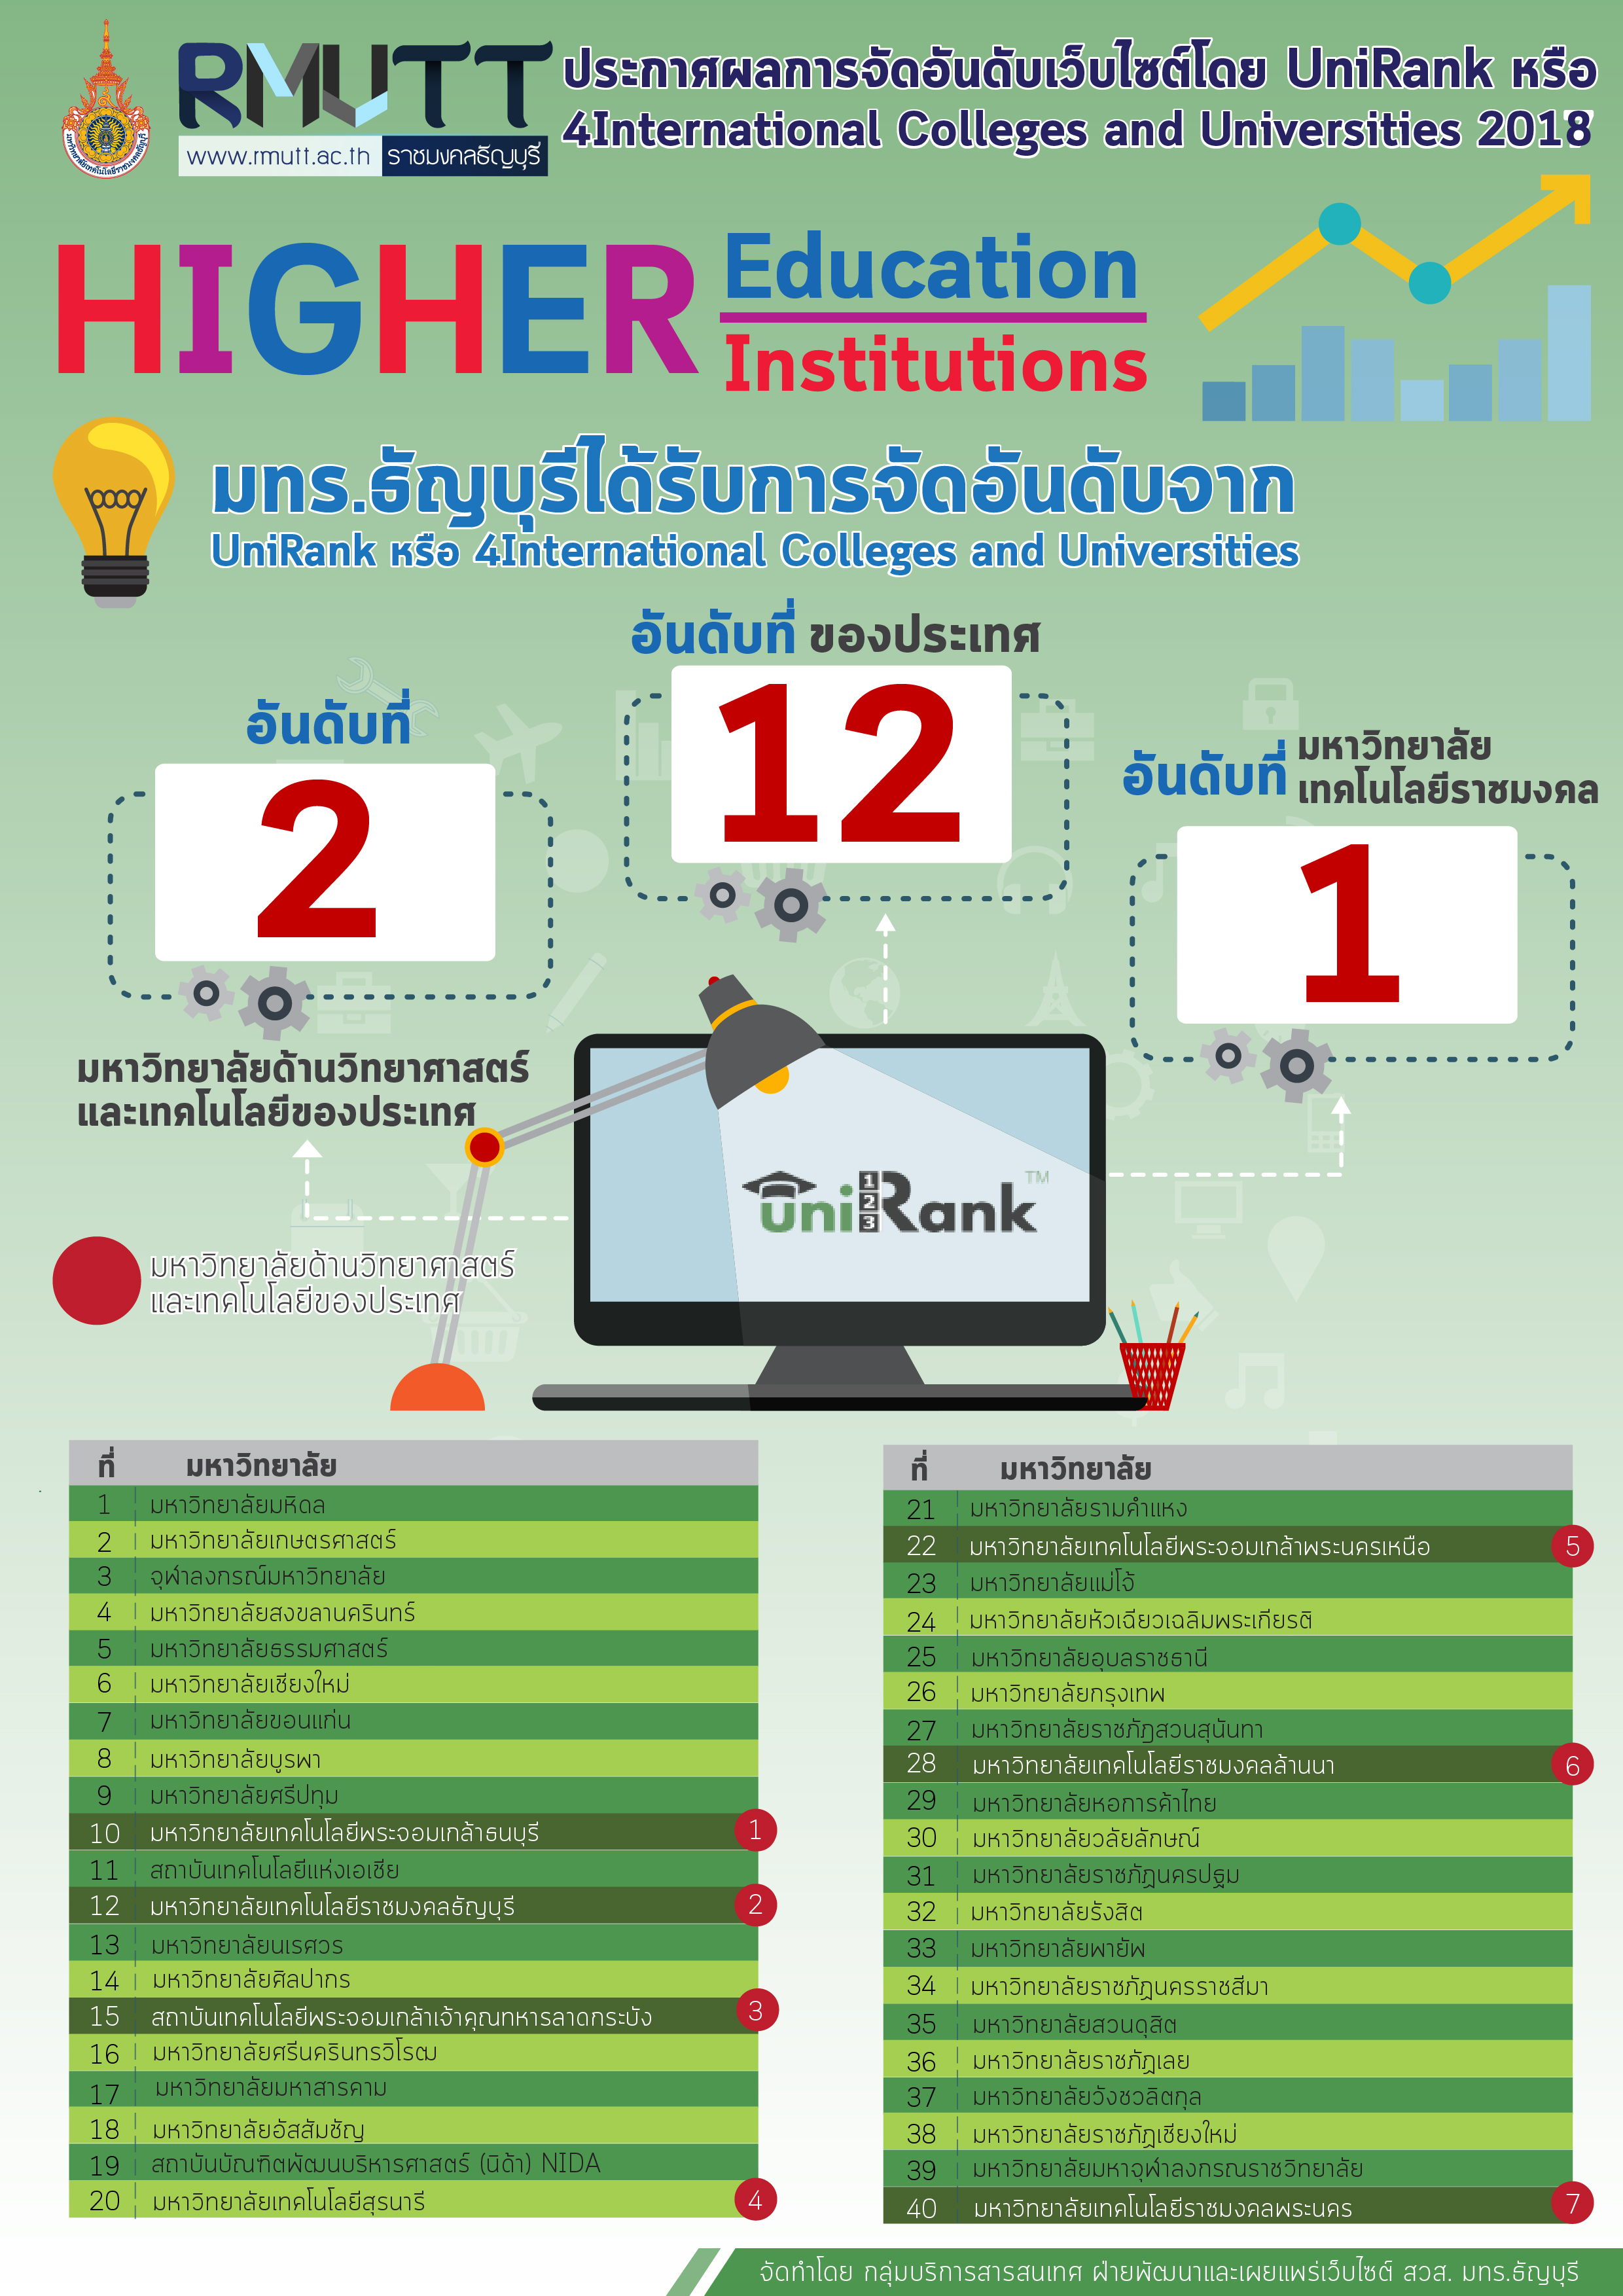 การจัดอันดับโดย UniRank หรือ 4International Colleges and Universities (www.4icu.org/th)